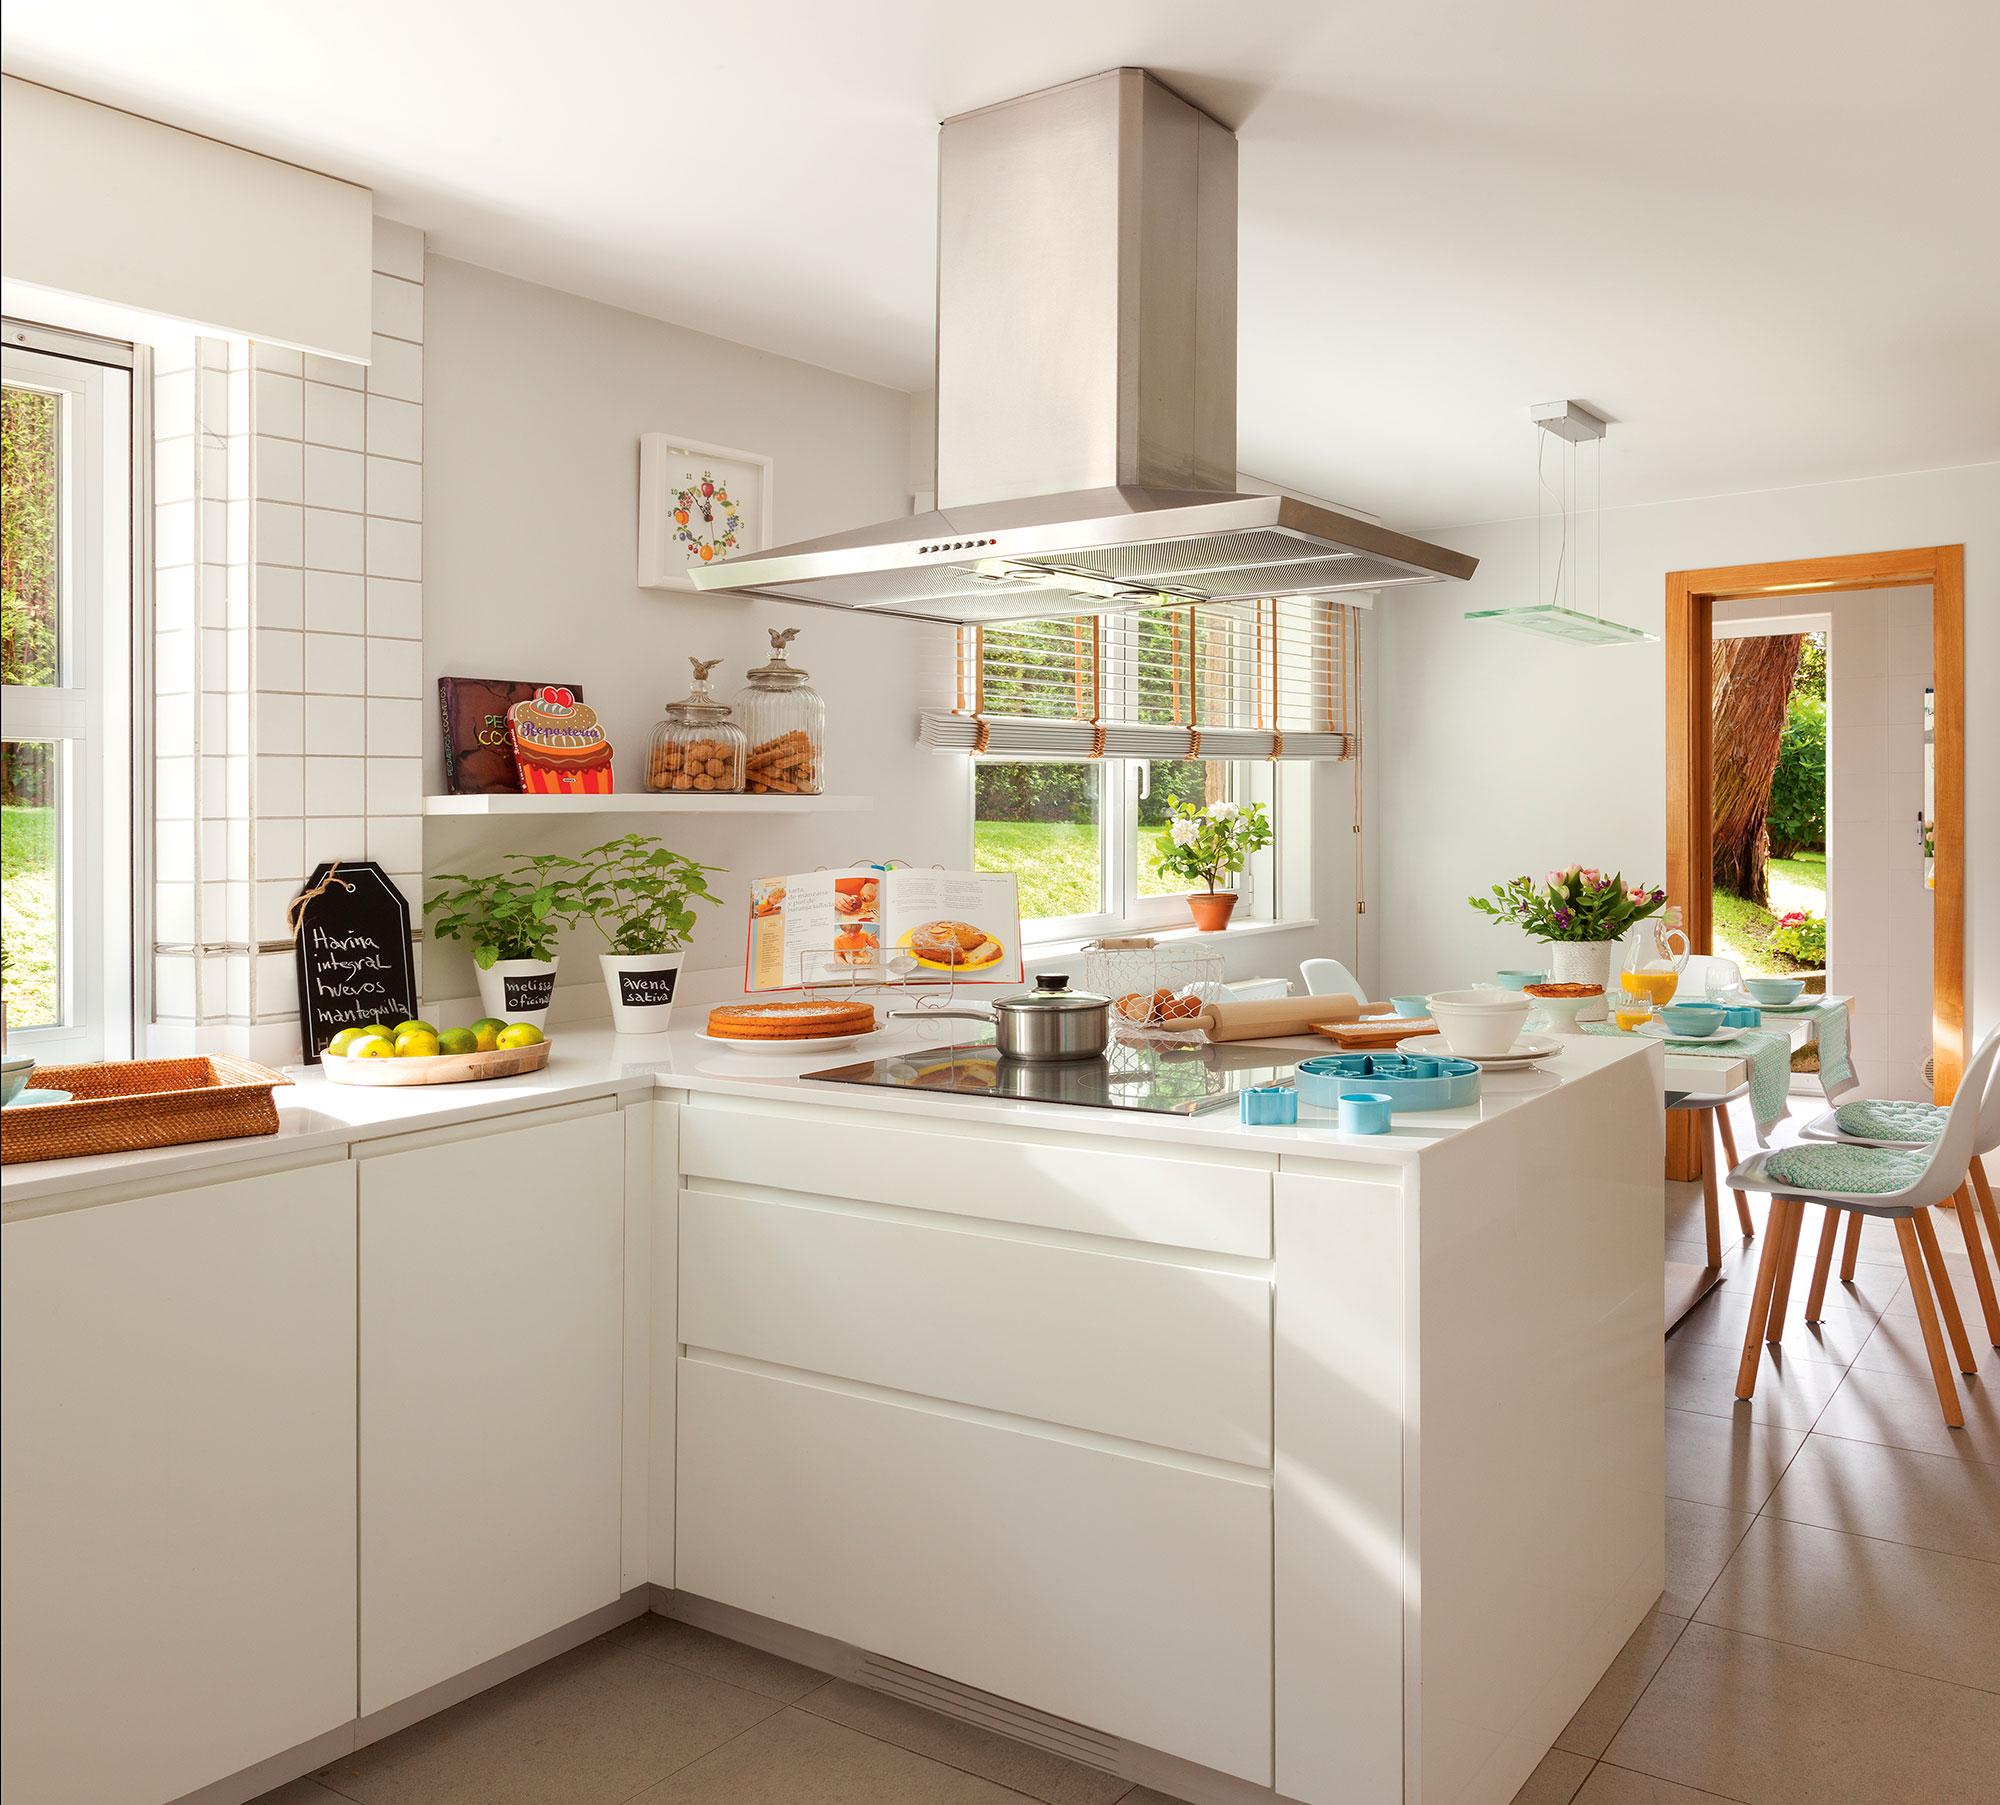 Cocinas en blanco una apuesta atemporal y muy luminosa - Cocinas blancas modernas ...